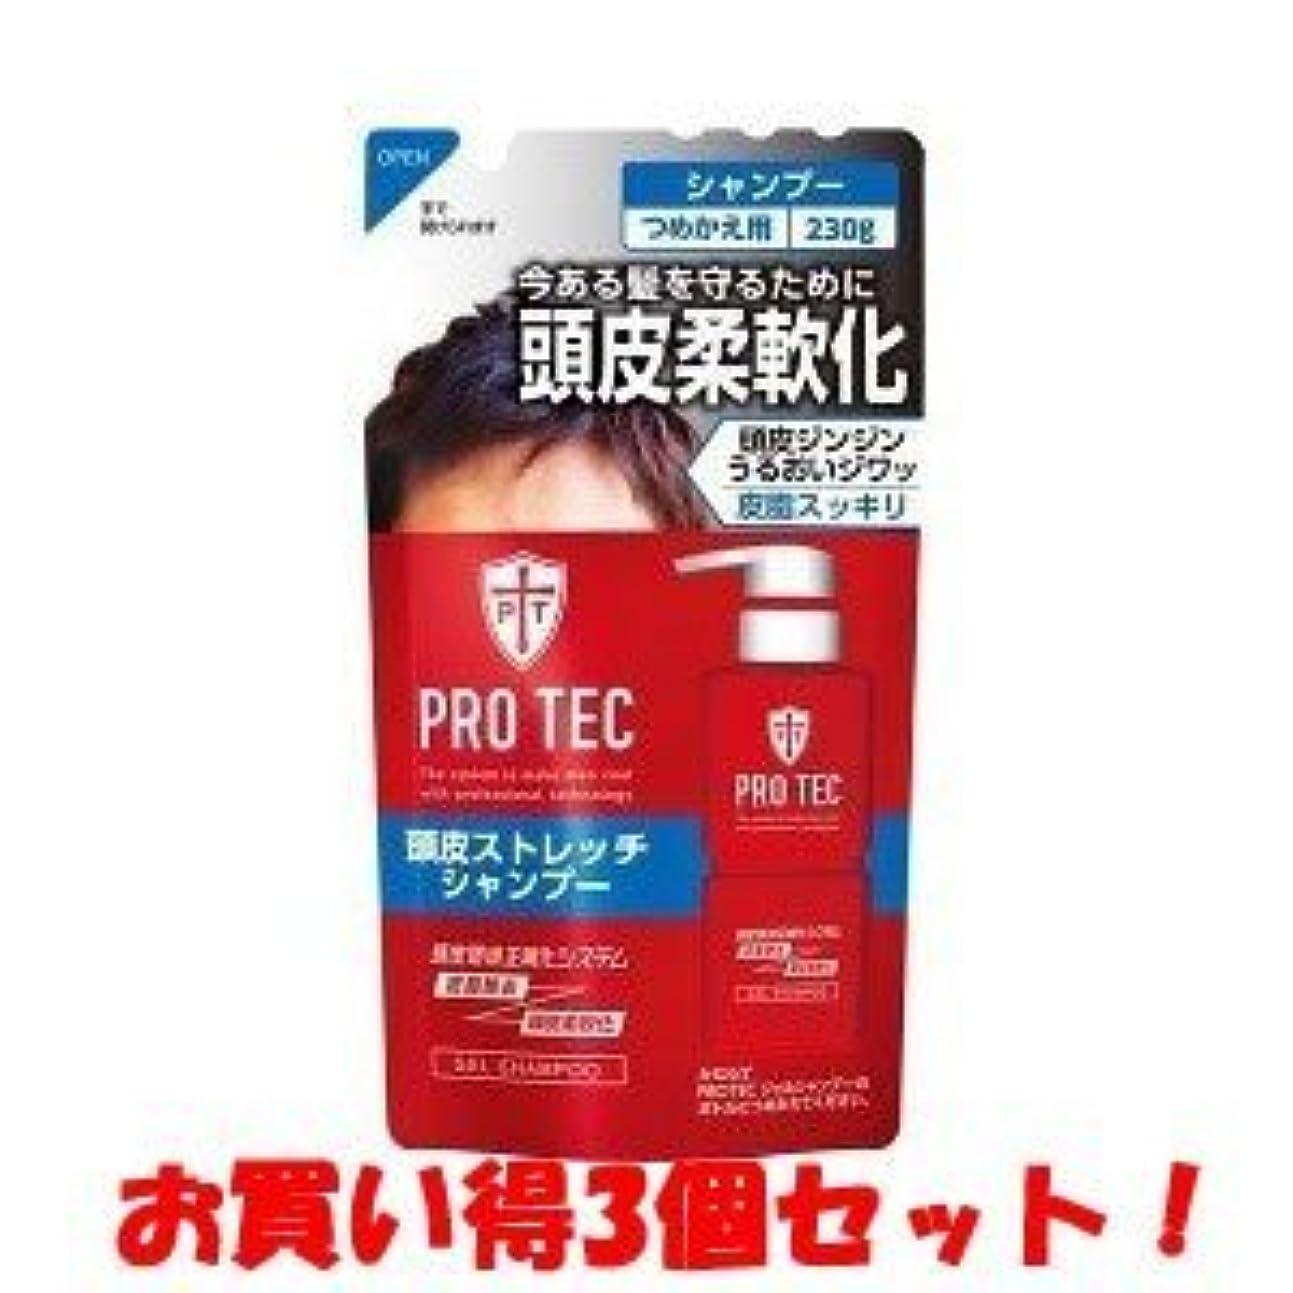 岸判読できないおんどり(ライオン)PRO TEC(プロテク) 頭皮ストレッチ シャンプー つめかえ用 230g(医薬部外品)(お買い得3個セット)